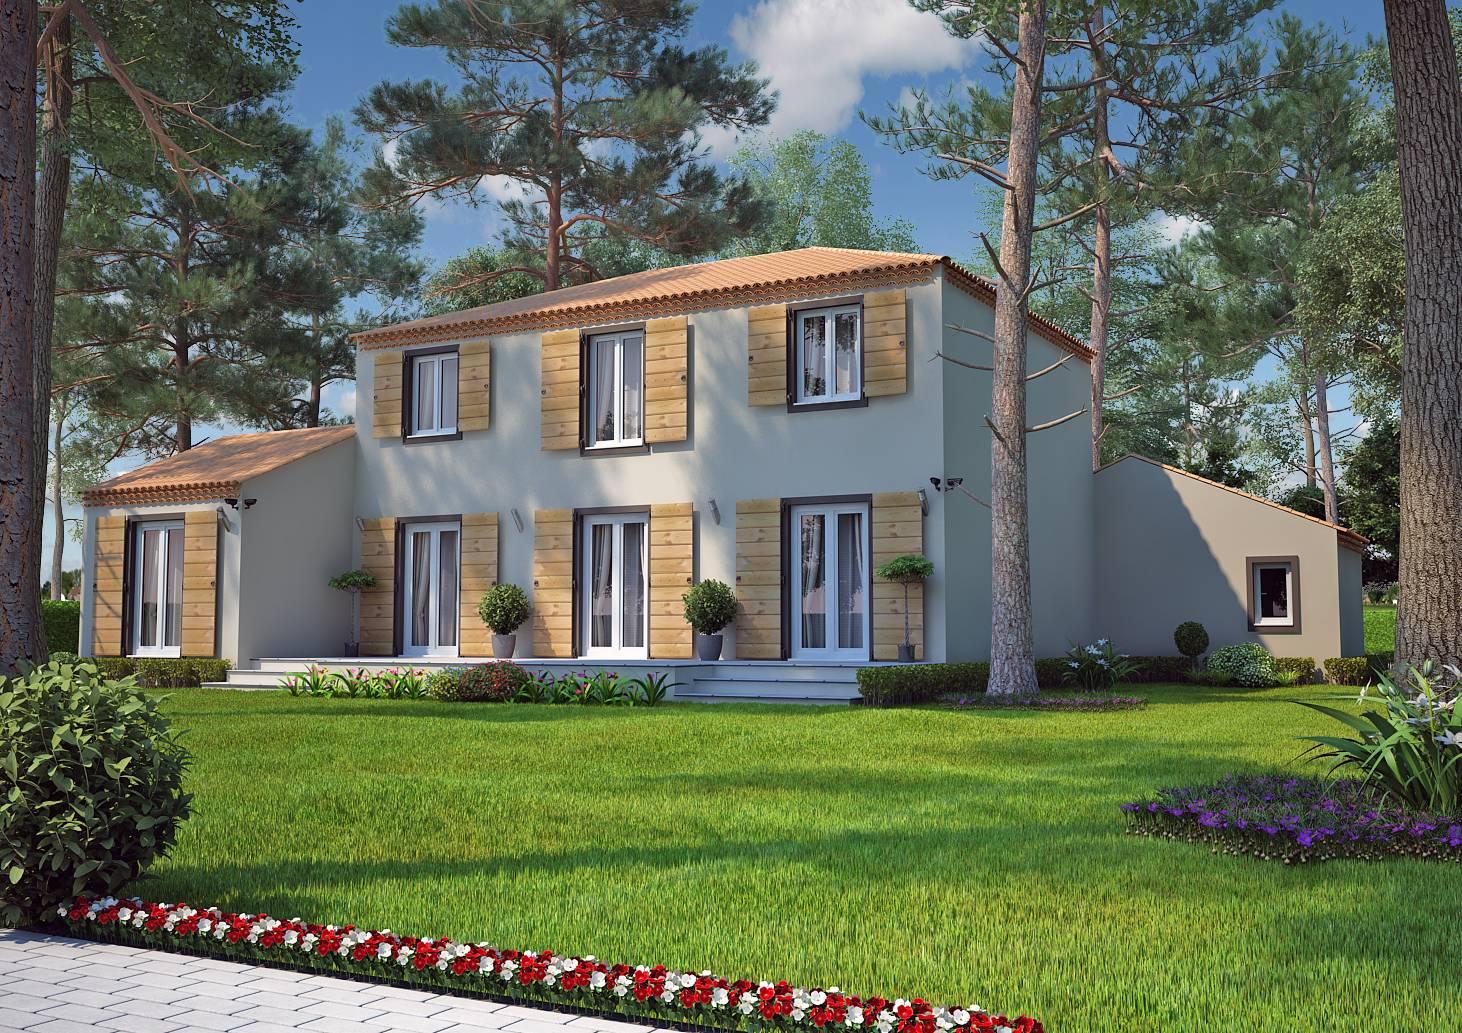 Villa gentiane traditionnelle de 135m2 construire dans for Constructeur villa contemporaine